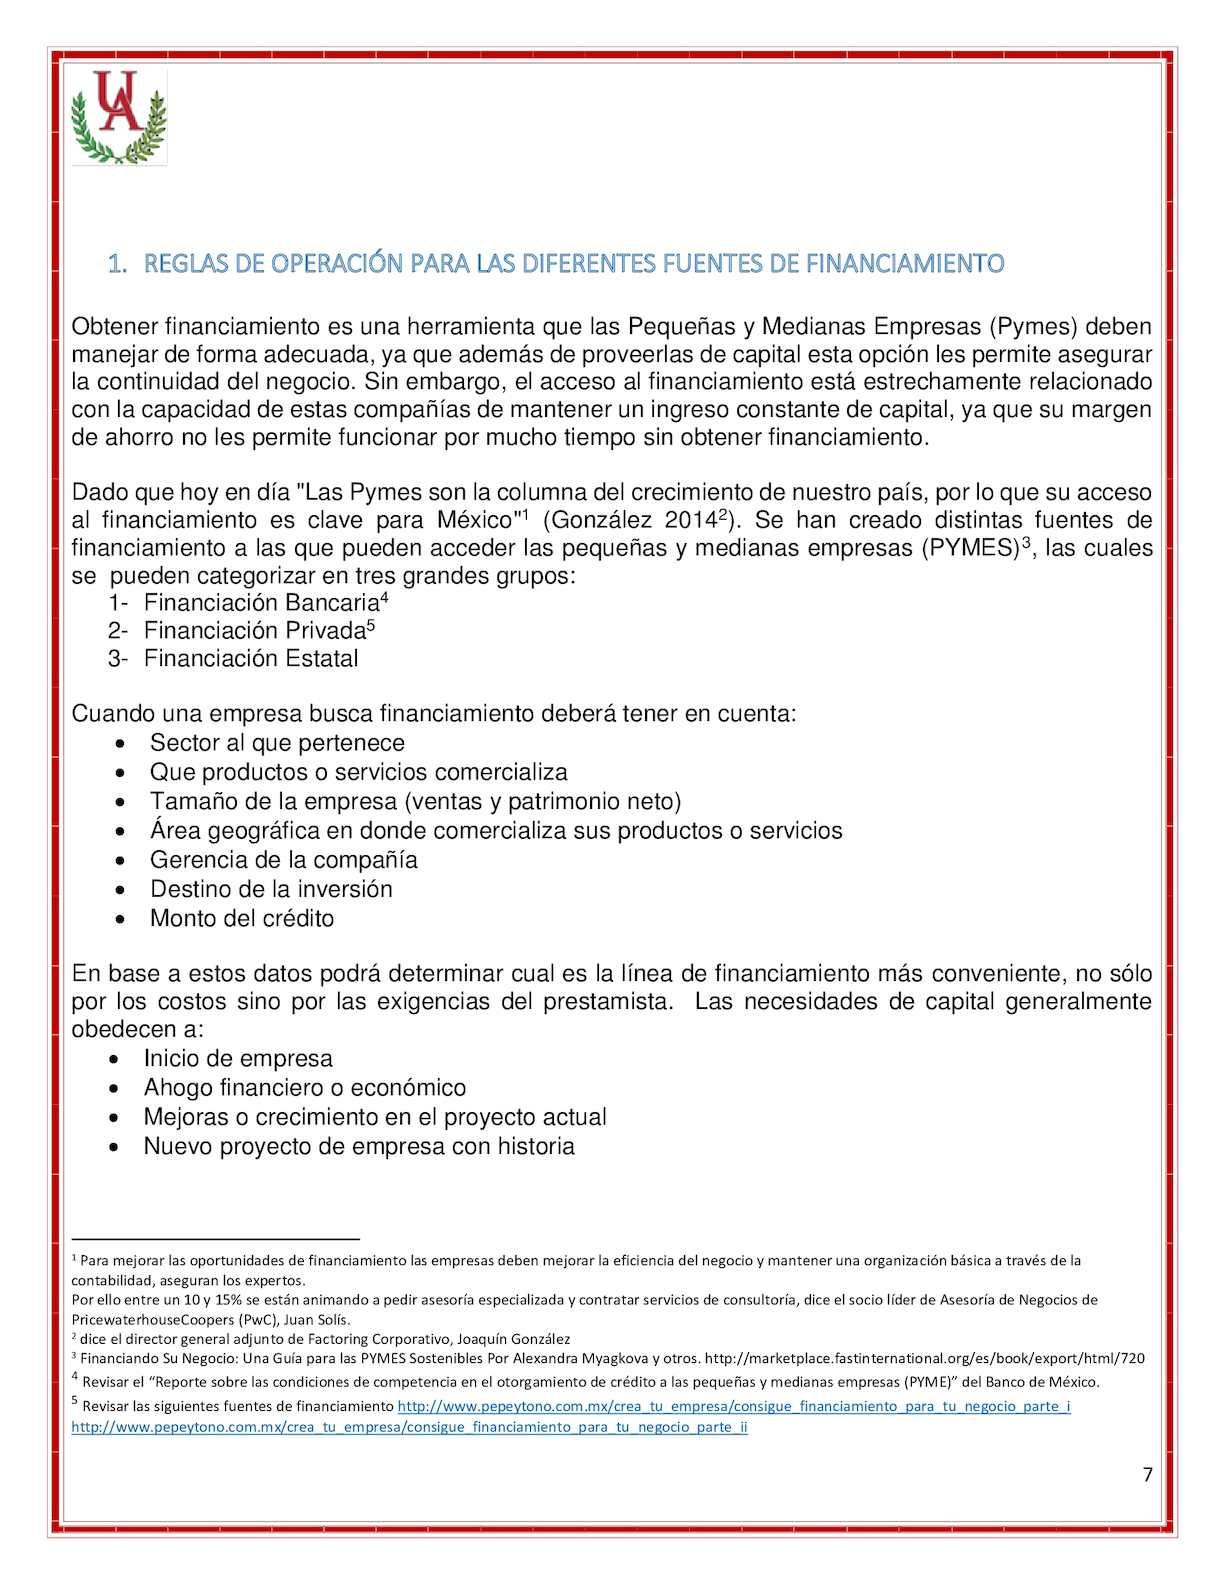 Fuentes De Financiamiento Para Pymes - CALAMEO Downloader